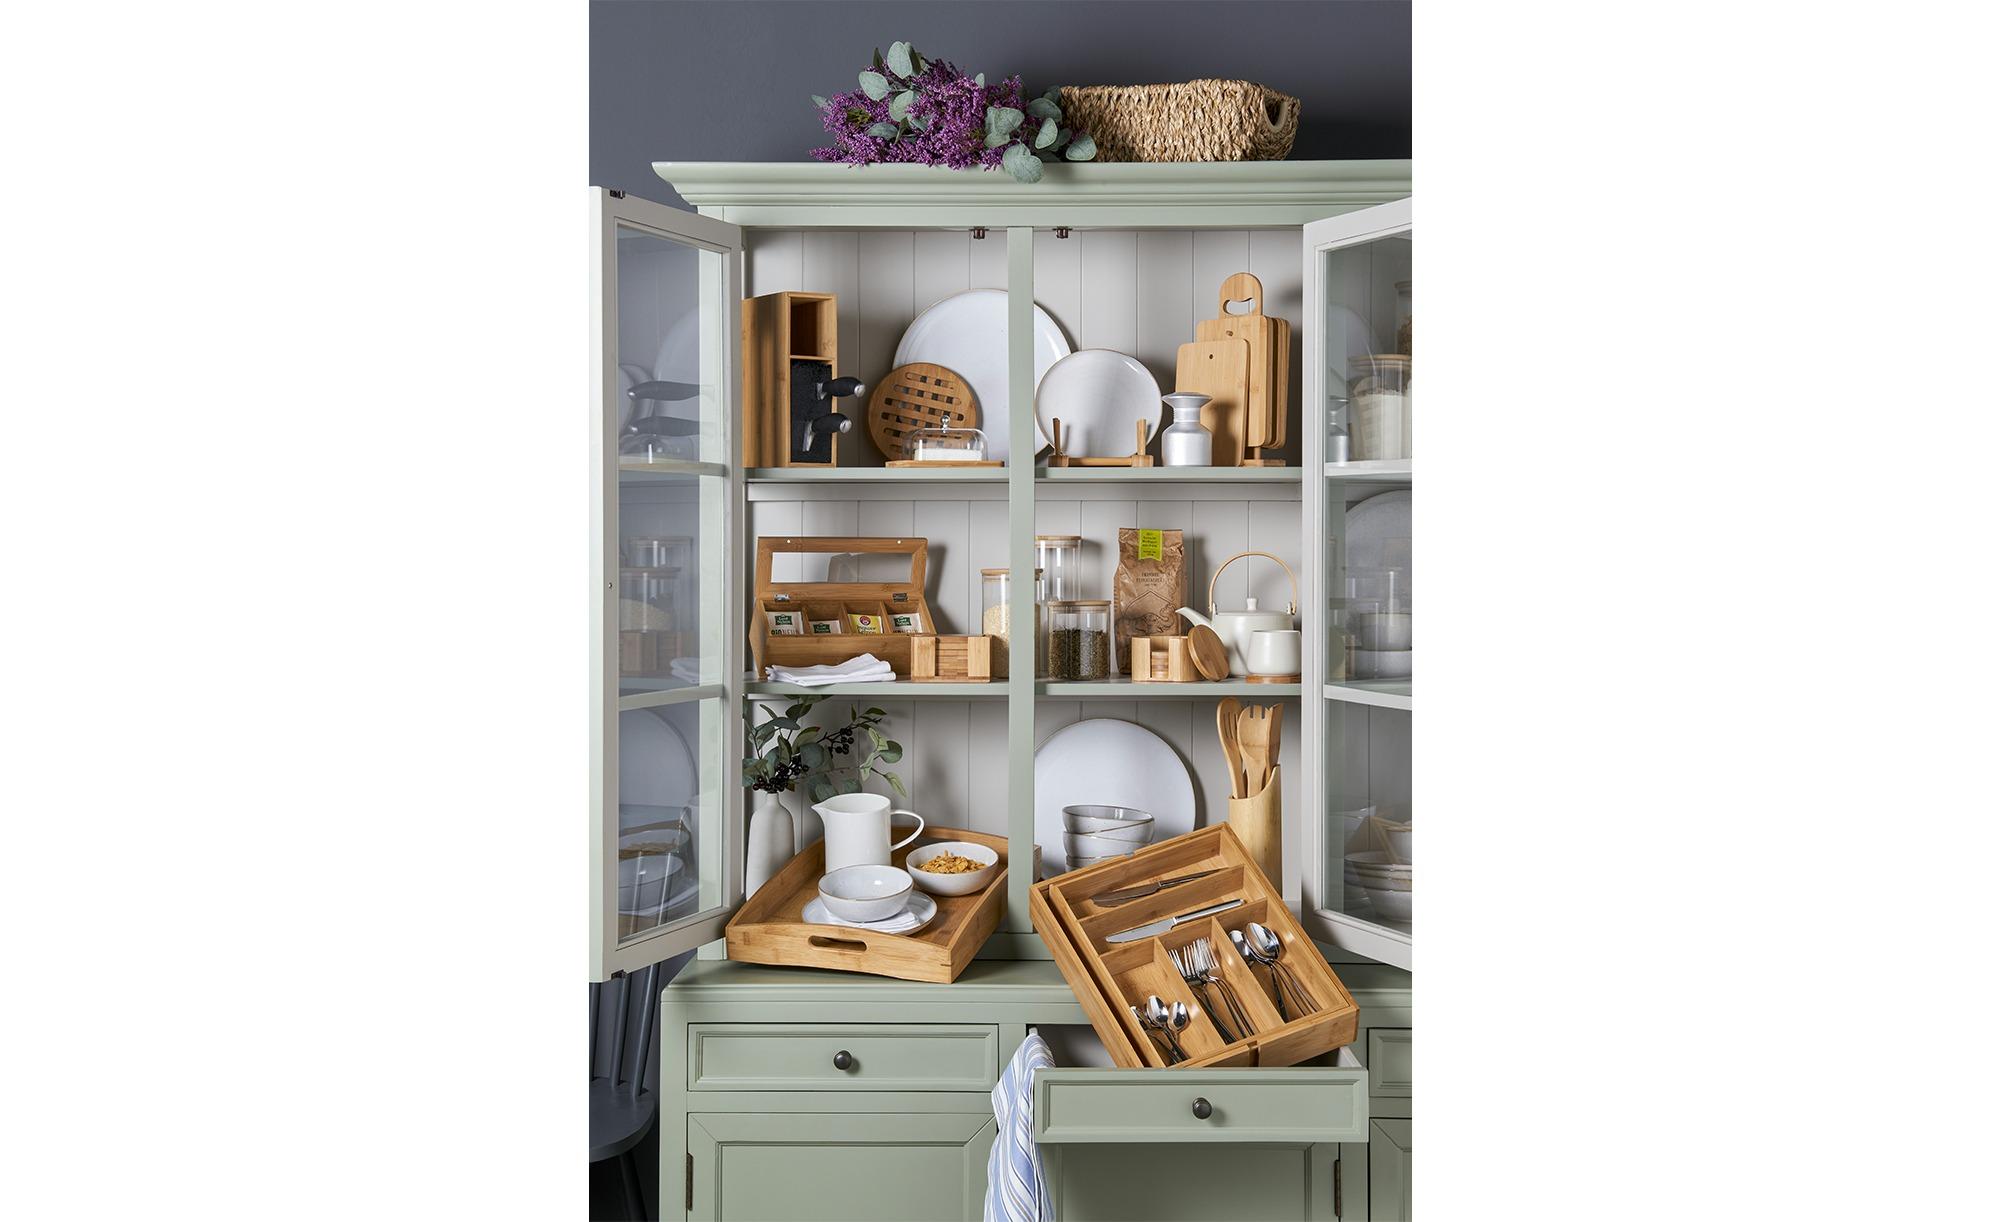 KHG Messerblock - holzfarben - 9 cm - 21,5 cm - Küchenmesser > Messerblöcke & Messersets - Möbel Kraft | Küche und Esszimmer > Küchen-Zubehör > Halter und Haken | KHG